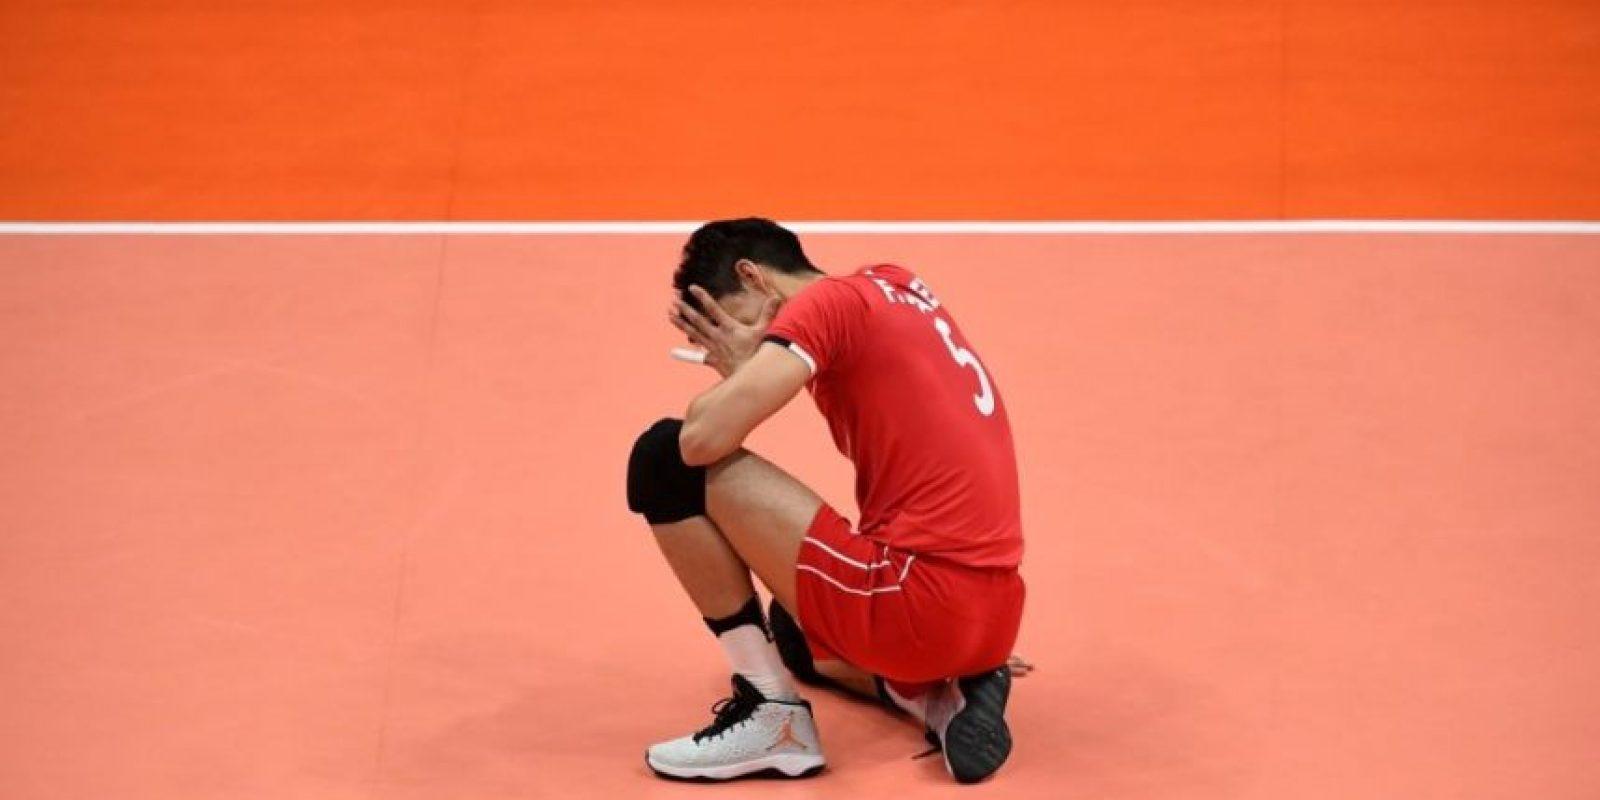 Las tristes postales de atletas derrotados en Río 2016: Así terminó el iraní Farhad Ghaemi, luego de que su selección de voleibol cayera con Argentina Foto:Ines Boubakri